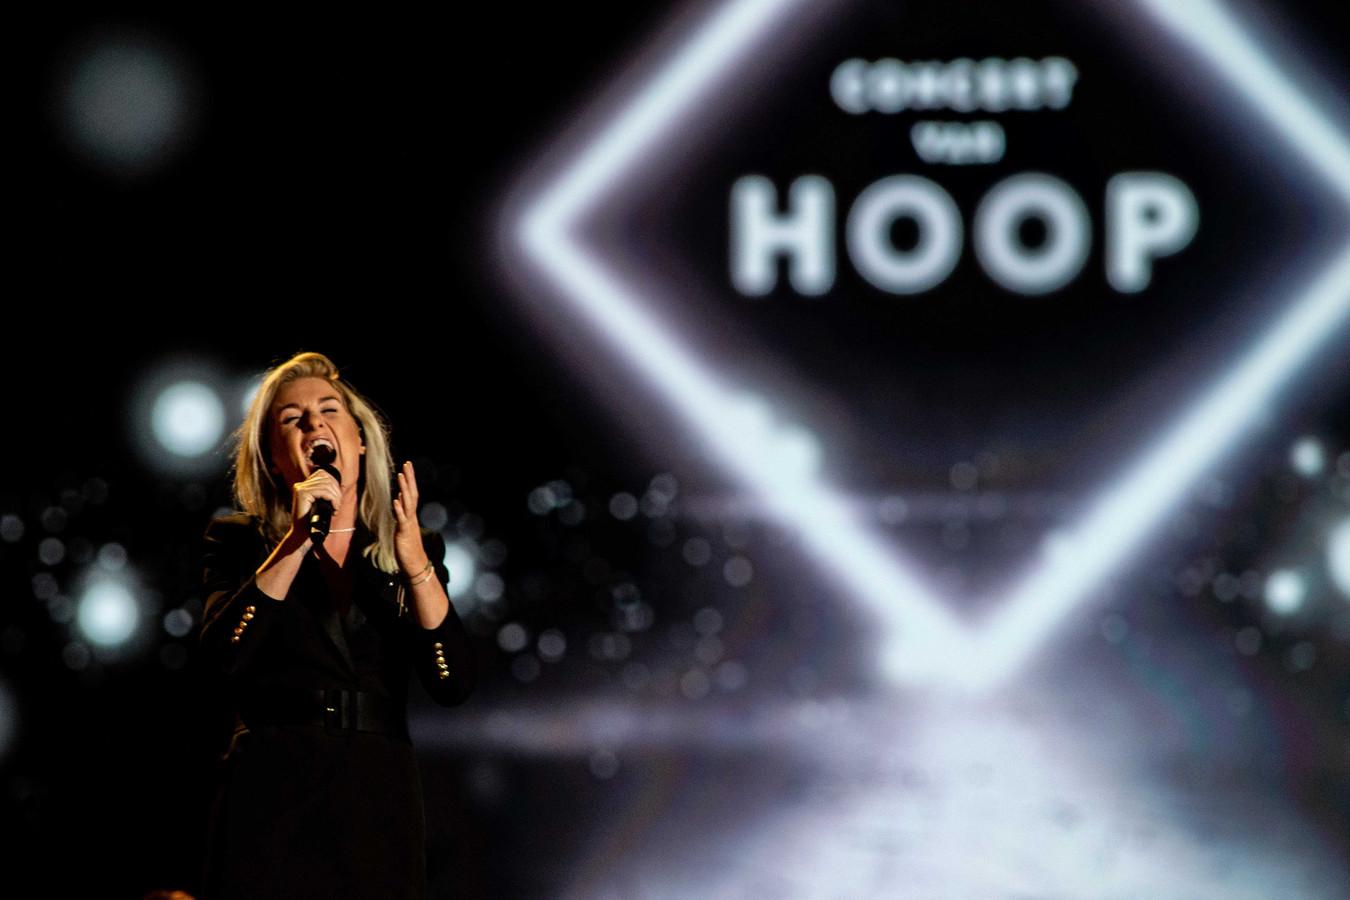 Miss Montreal tijdens het eerste Concert van hoop in Ahoy. Op 10 maart volgt de tweede editie